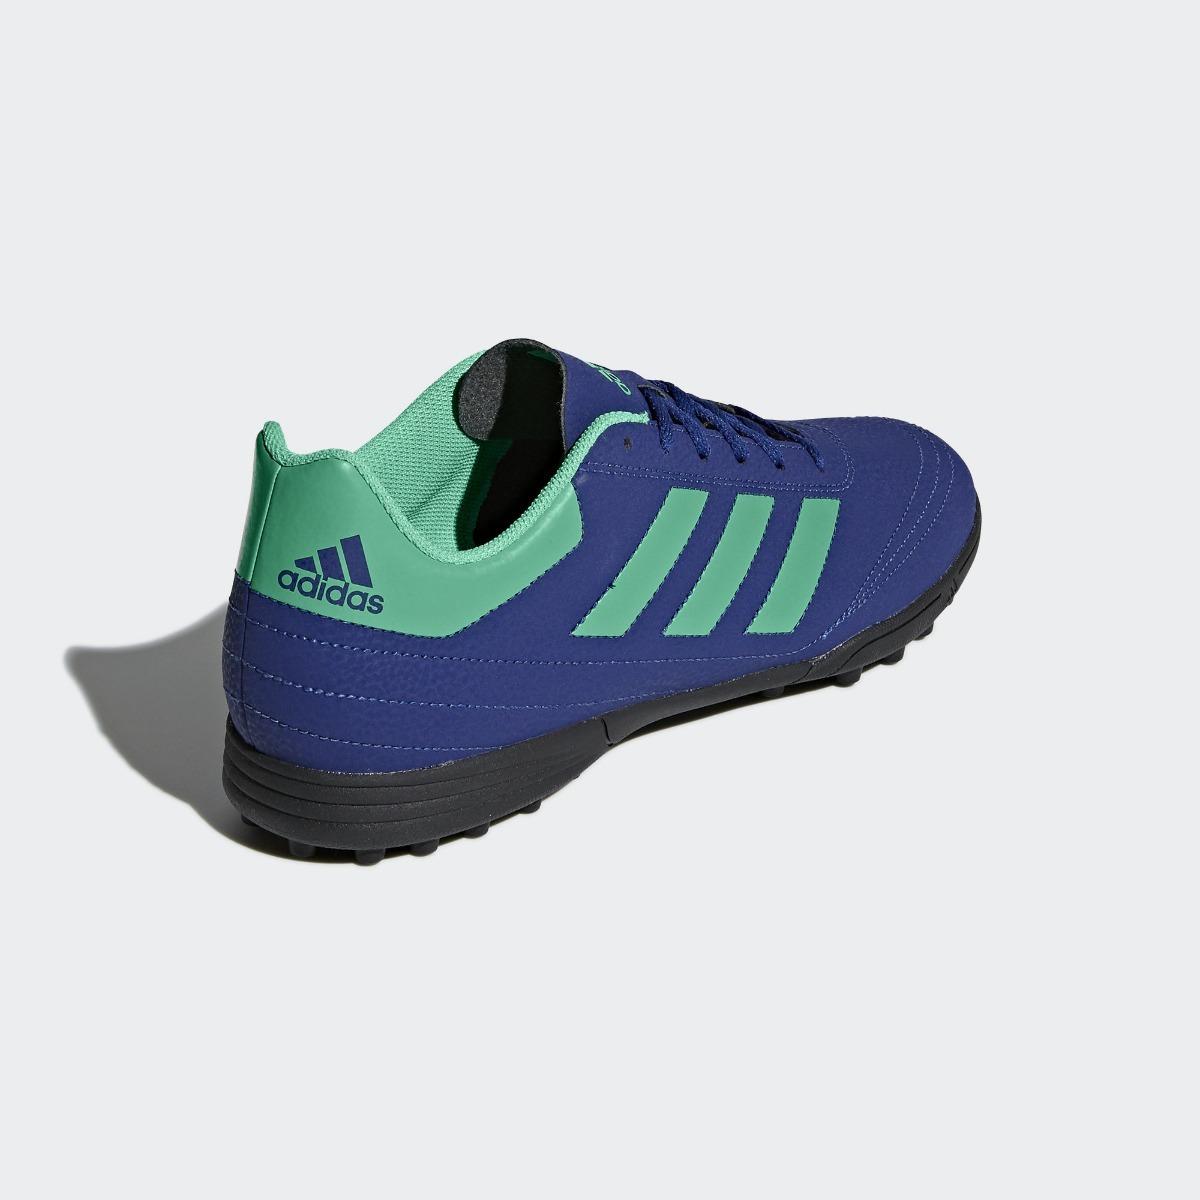 9ab70f439430c zapatillas adidas goletto vi futsal - sintético oferta 2018. Cargando zoom.